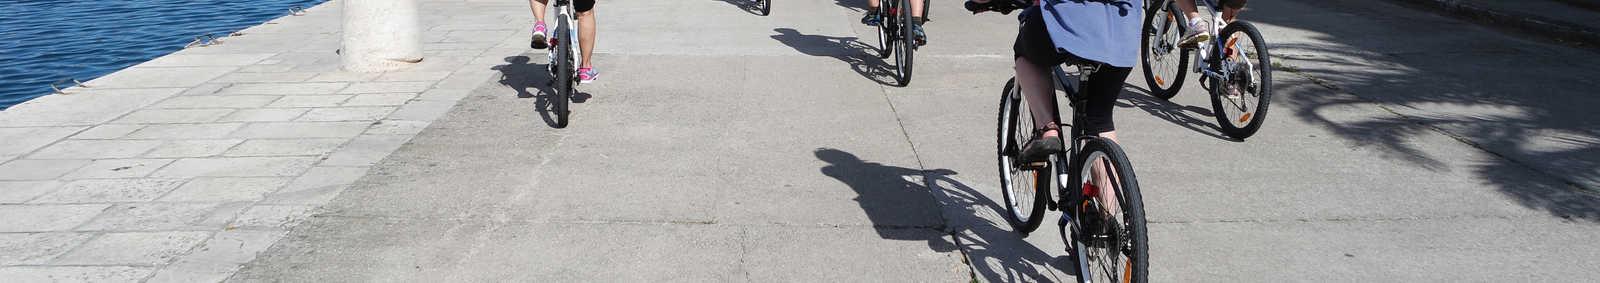 summer cycling hotspot